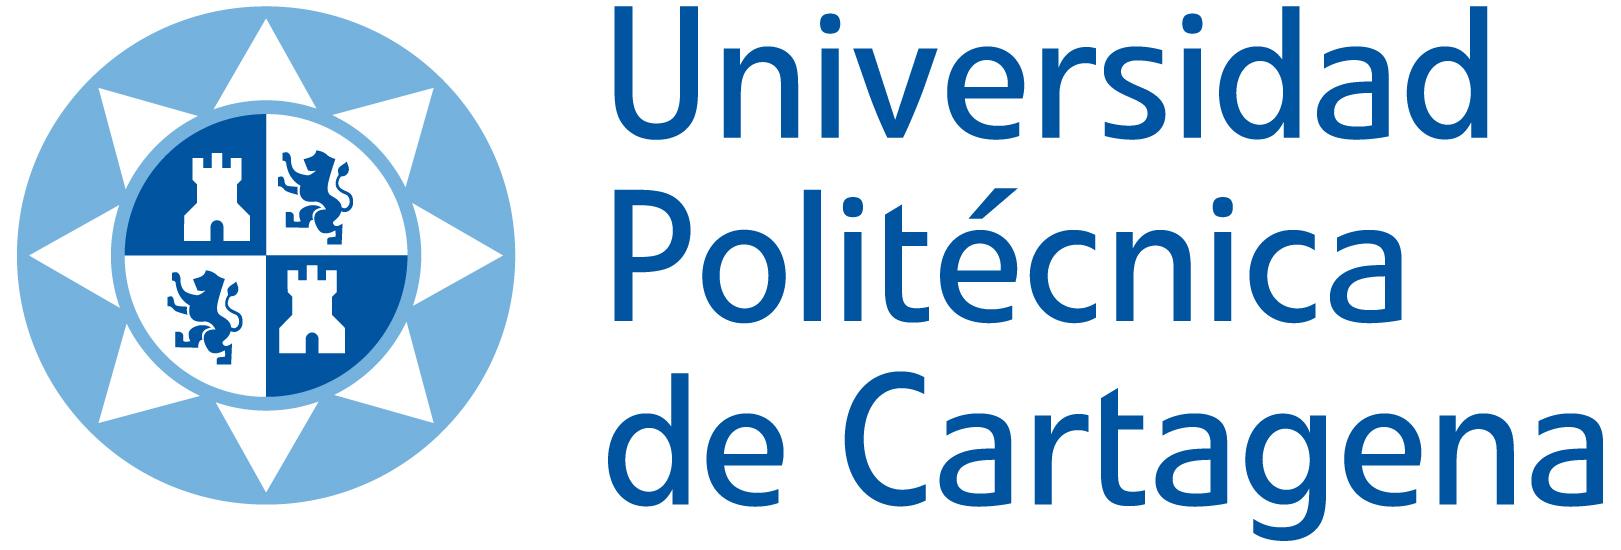 Logo de Universidad Politécnica de Cartagena